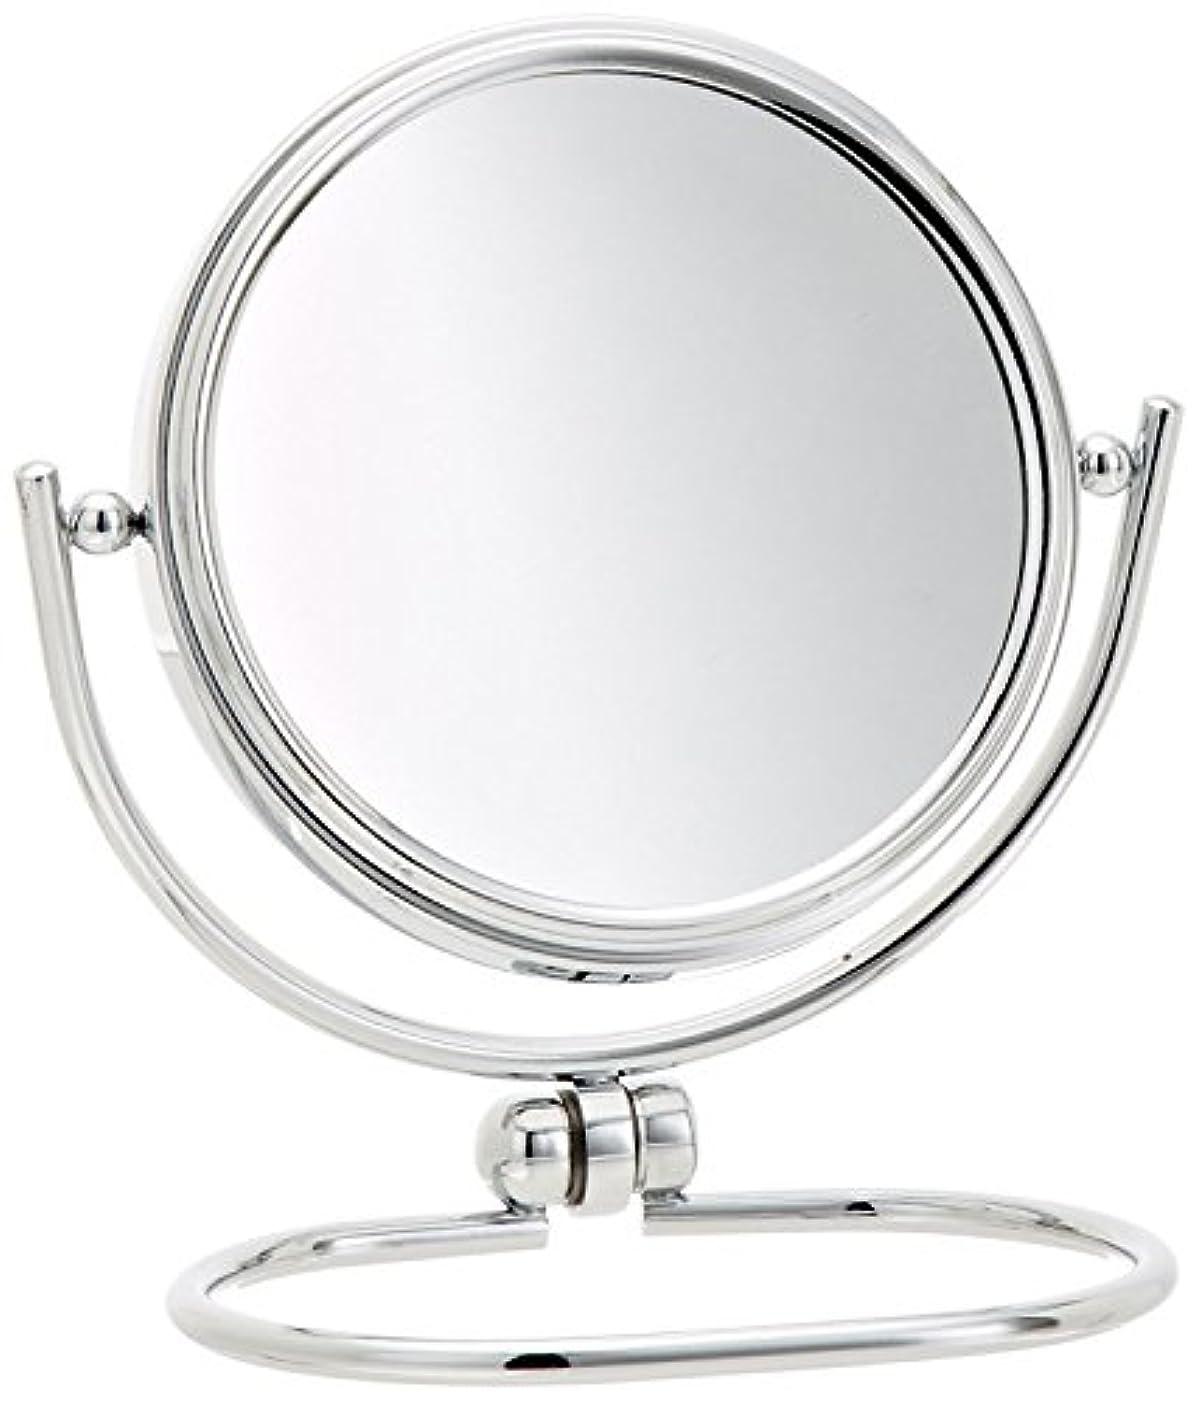 許容できる幸運なことにJerdon(ジェルドン) / MC310C (クローム) 《折りたたみ式拡大鏡》 [鏡面 直径8cm] 【10倍率/等倍率】 卓上型コンパクトミラー